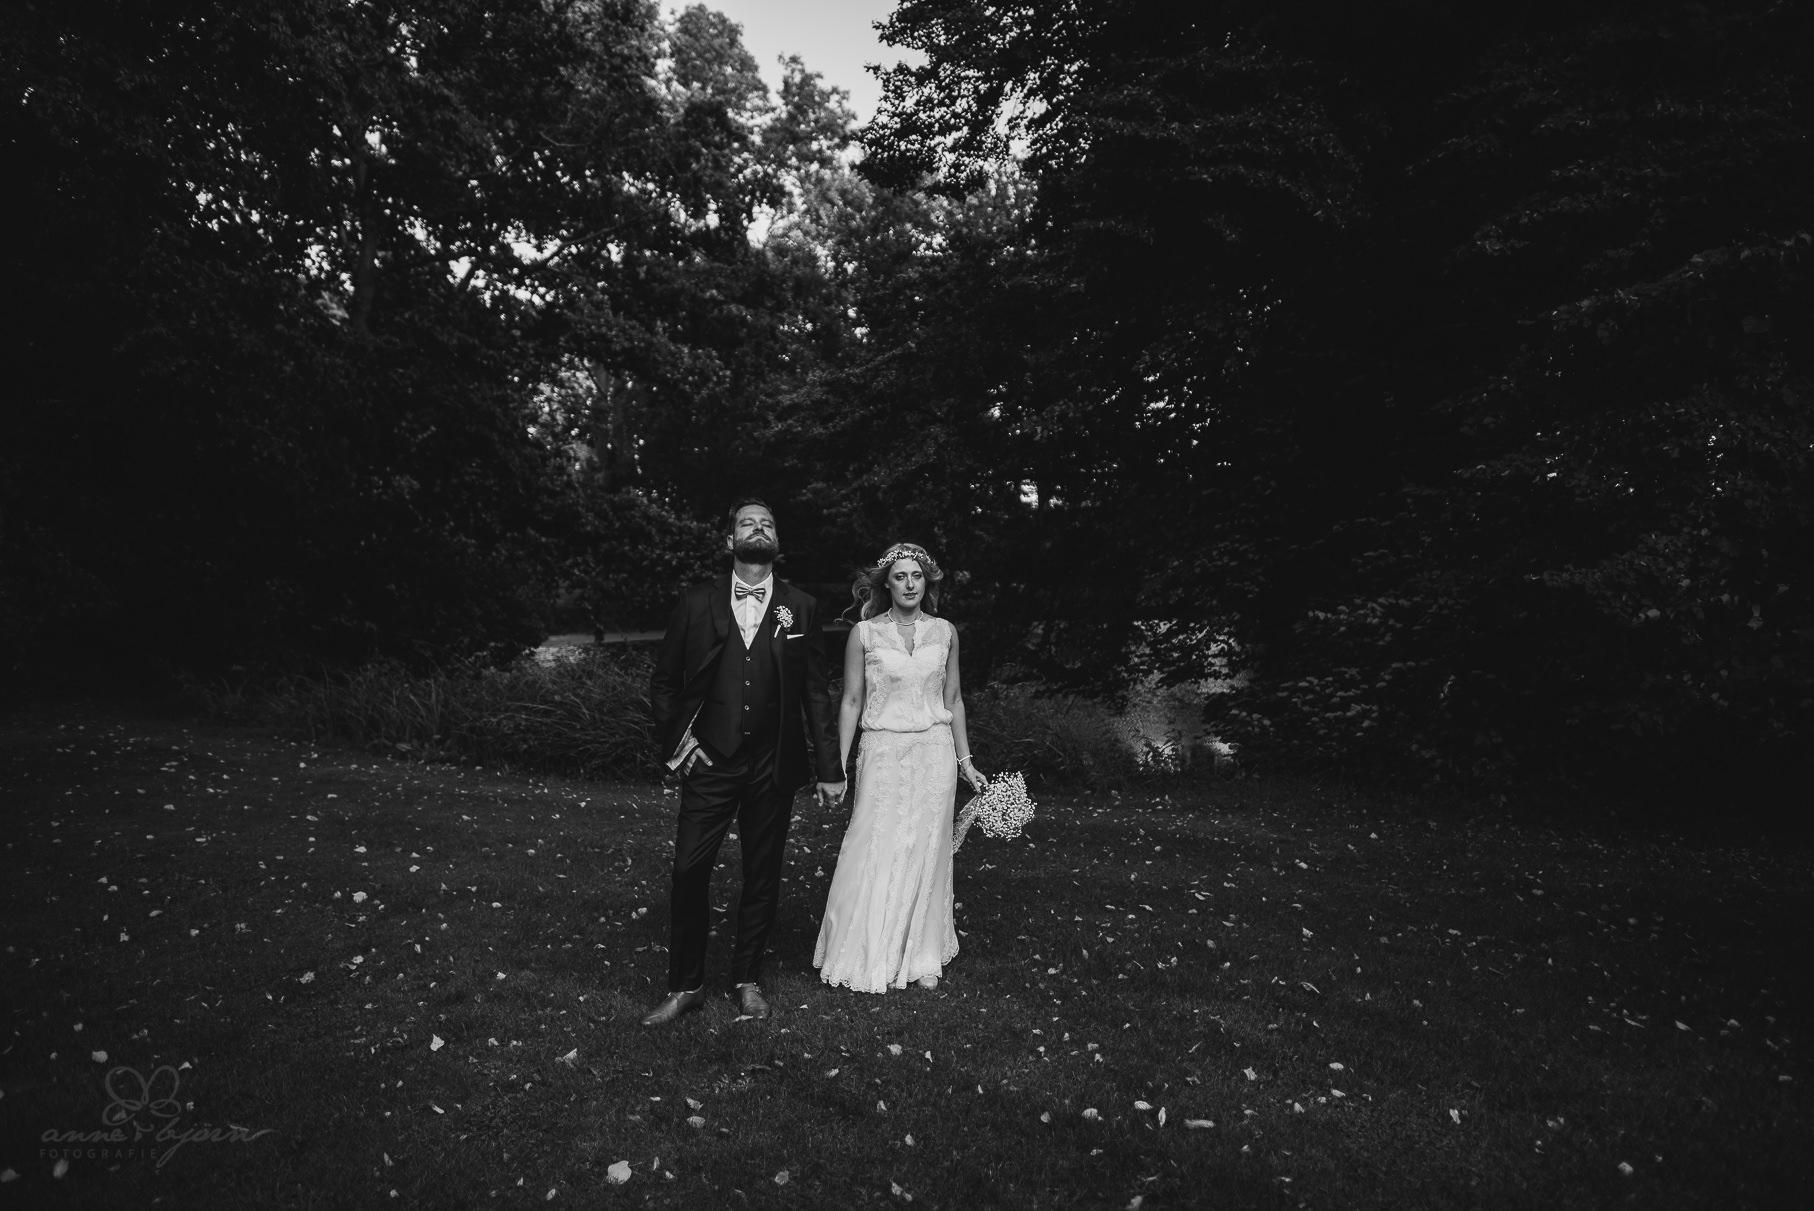 0120 anne und bjoern claudi und enno 811 3816 - Hochzeit auf Rügen (Klein Kubbelkow) - Claudi & Enno